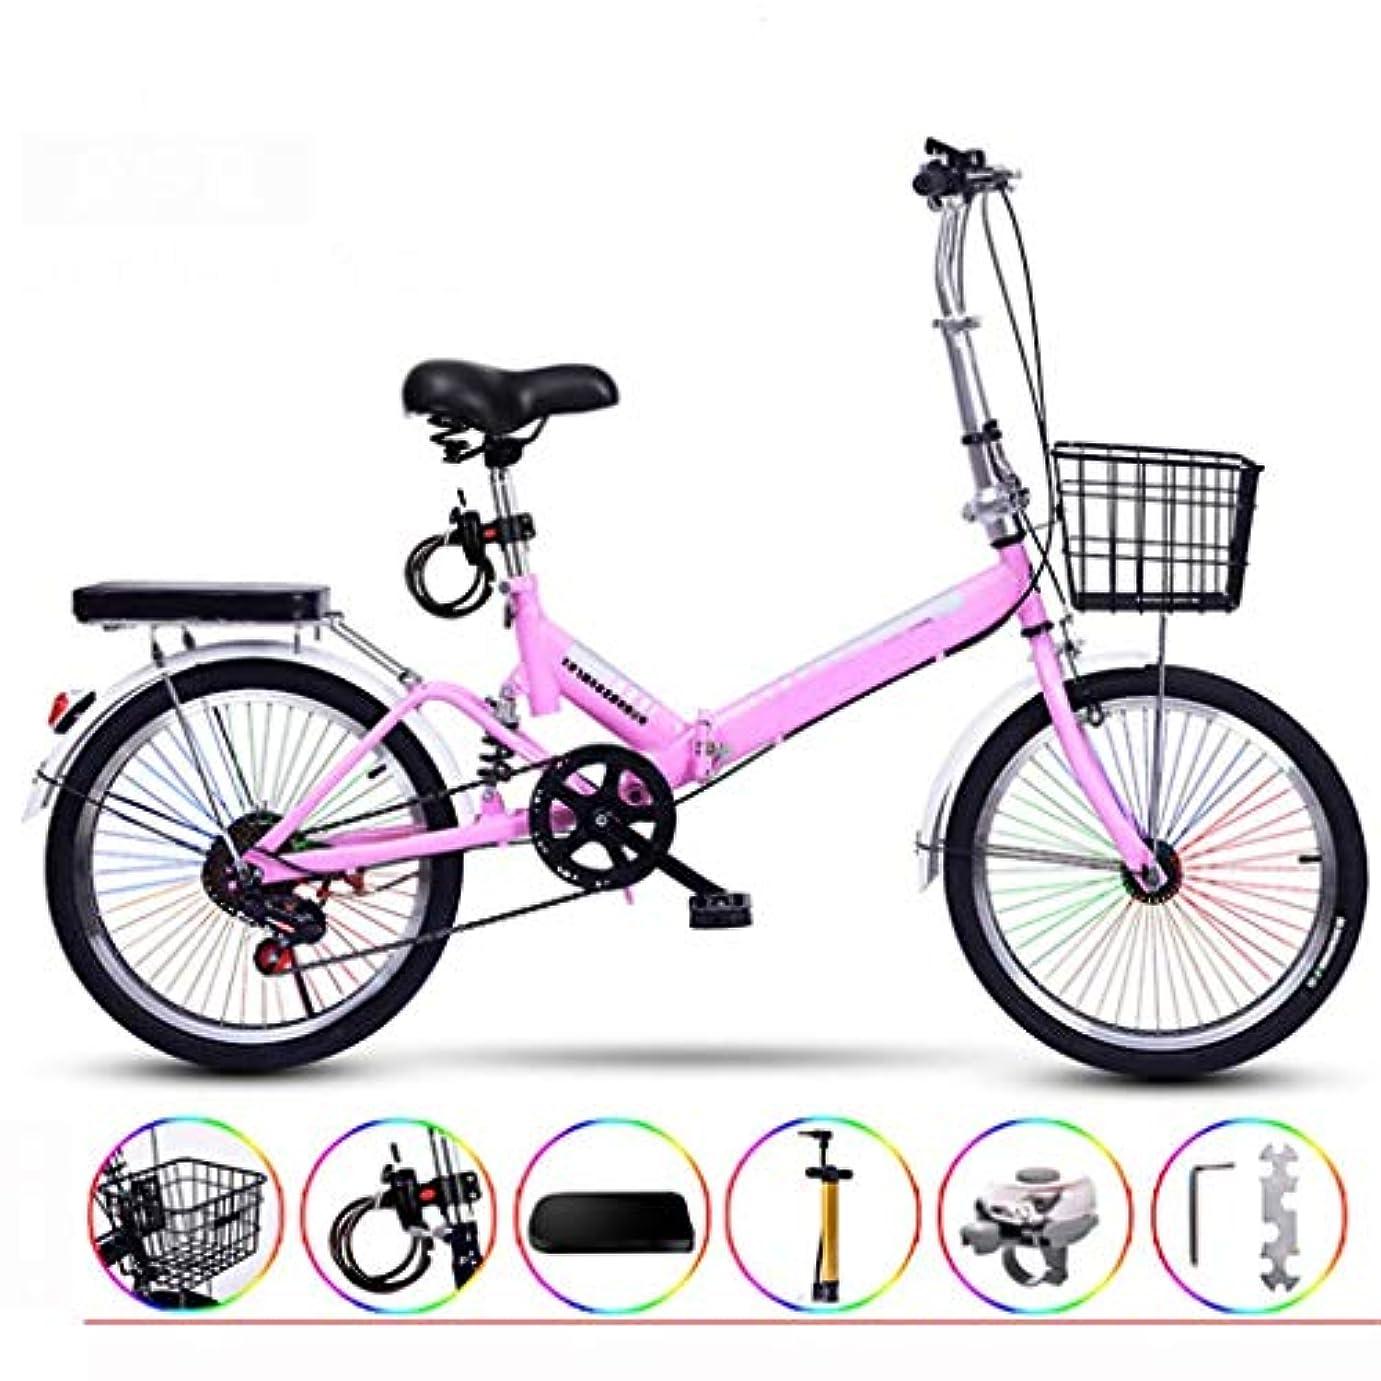 晩餐家逆さまにNfudishpu超軽量ポータブル折りたたみ自転車大人用自己設置20インチ暗号化カラーバー可変速度、ピンク